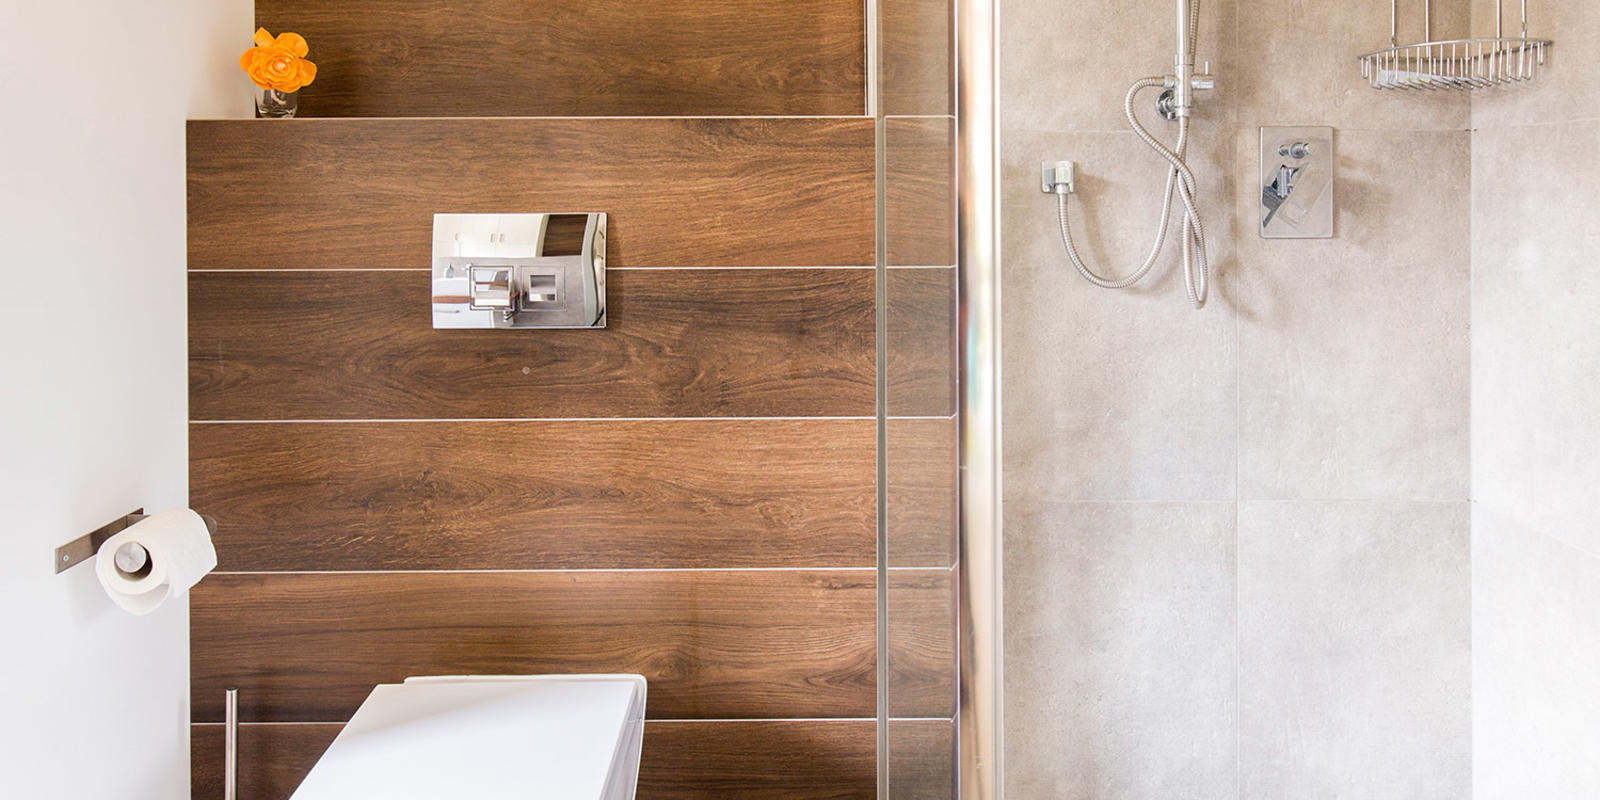 kleine badkamer verbouwen kosten